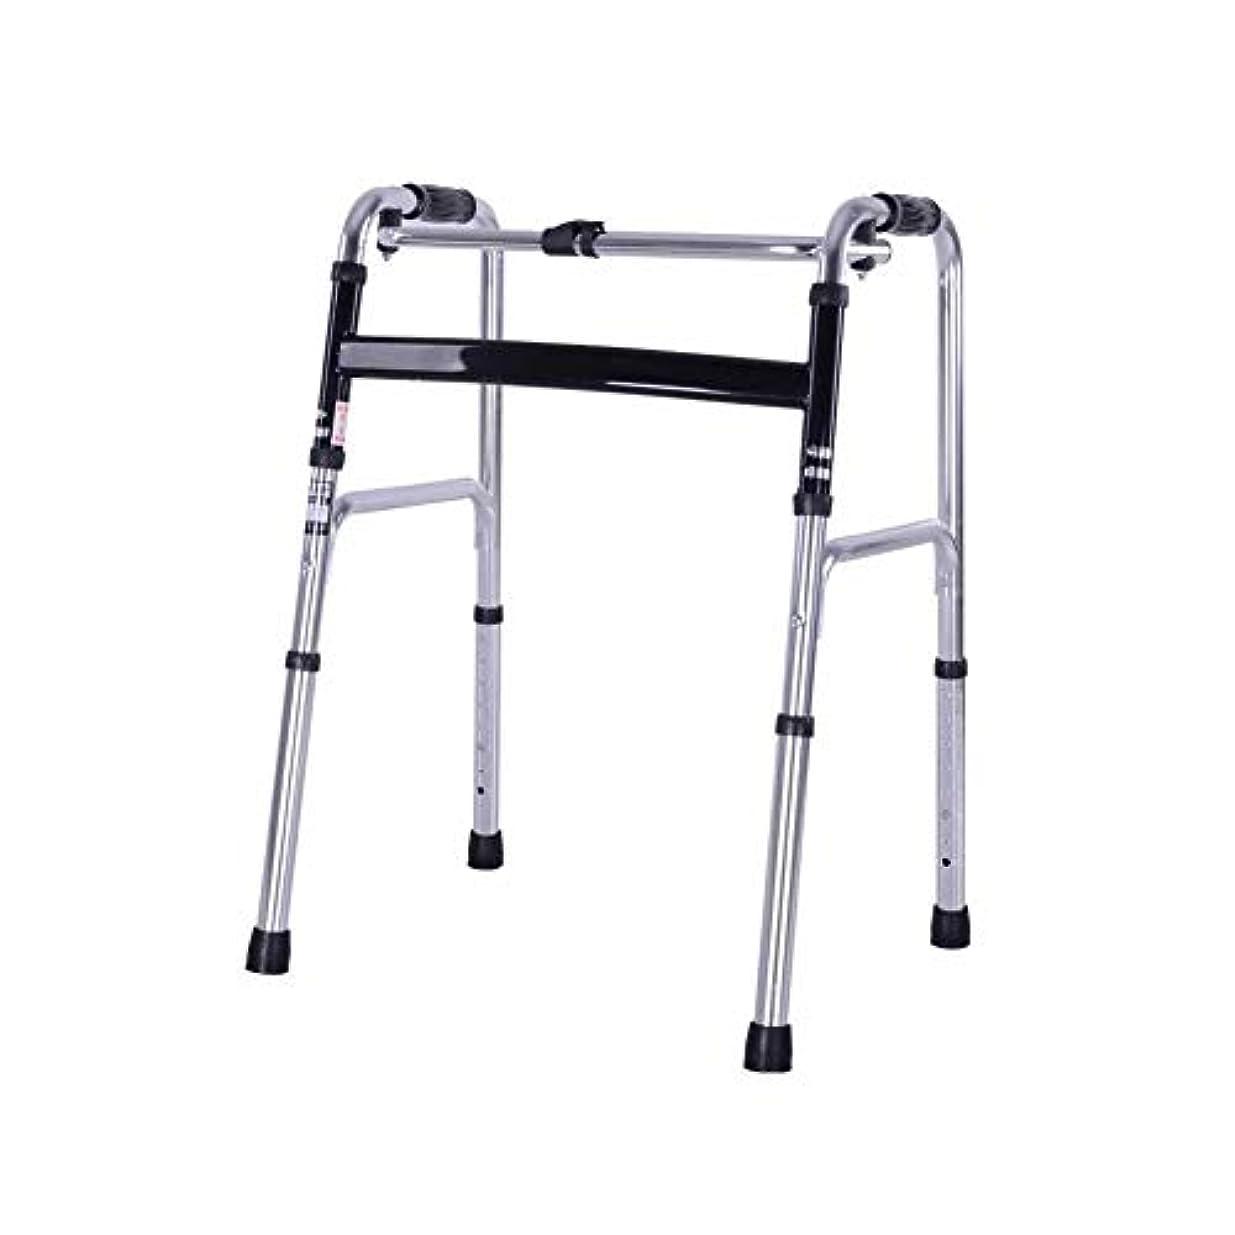 店主鬼ごっこ証明高齢者のための折りたたみ式軽量アルミニウム高さ調節可能な歩行フレームの移動補助具